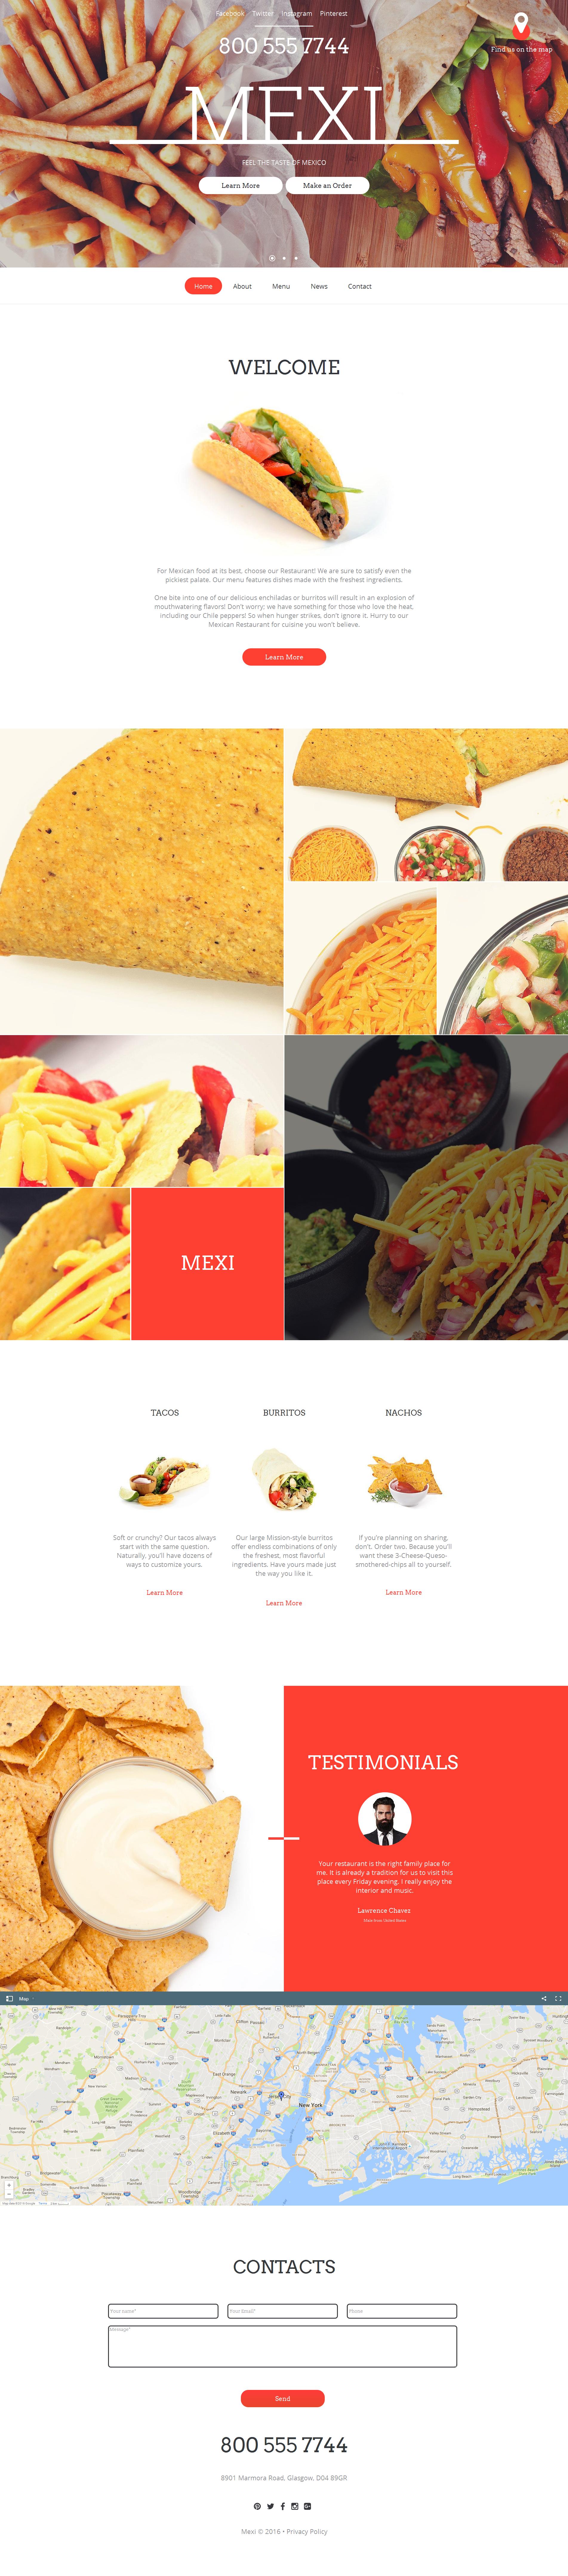 Template Moto CMS HTML para Sites de Restaurante Mexicano №59081